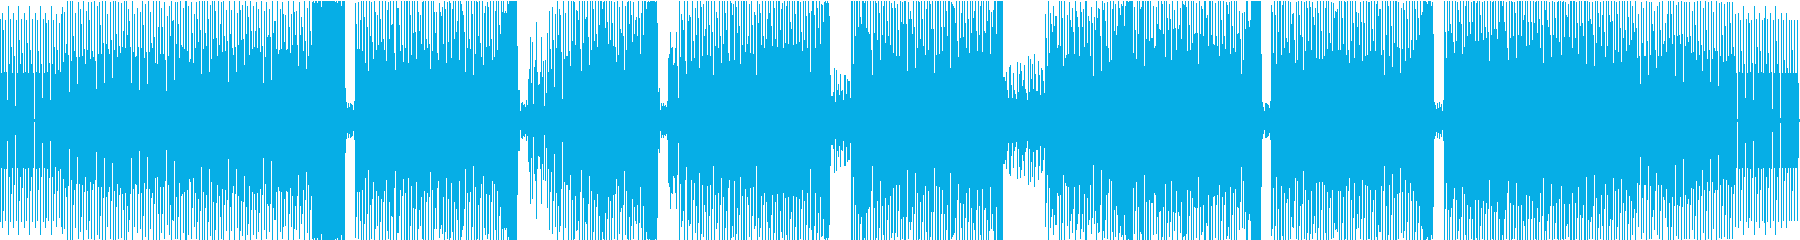 コマーシャルディープハウス。サンプ...の再生済みの波形